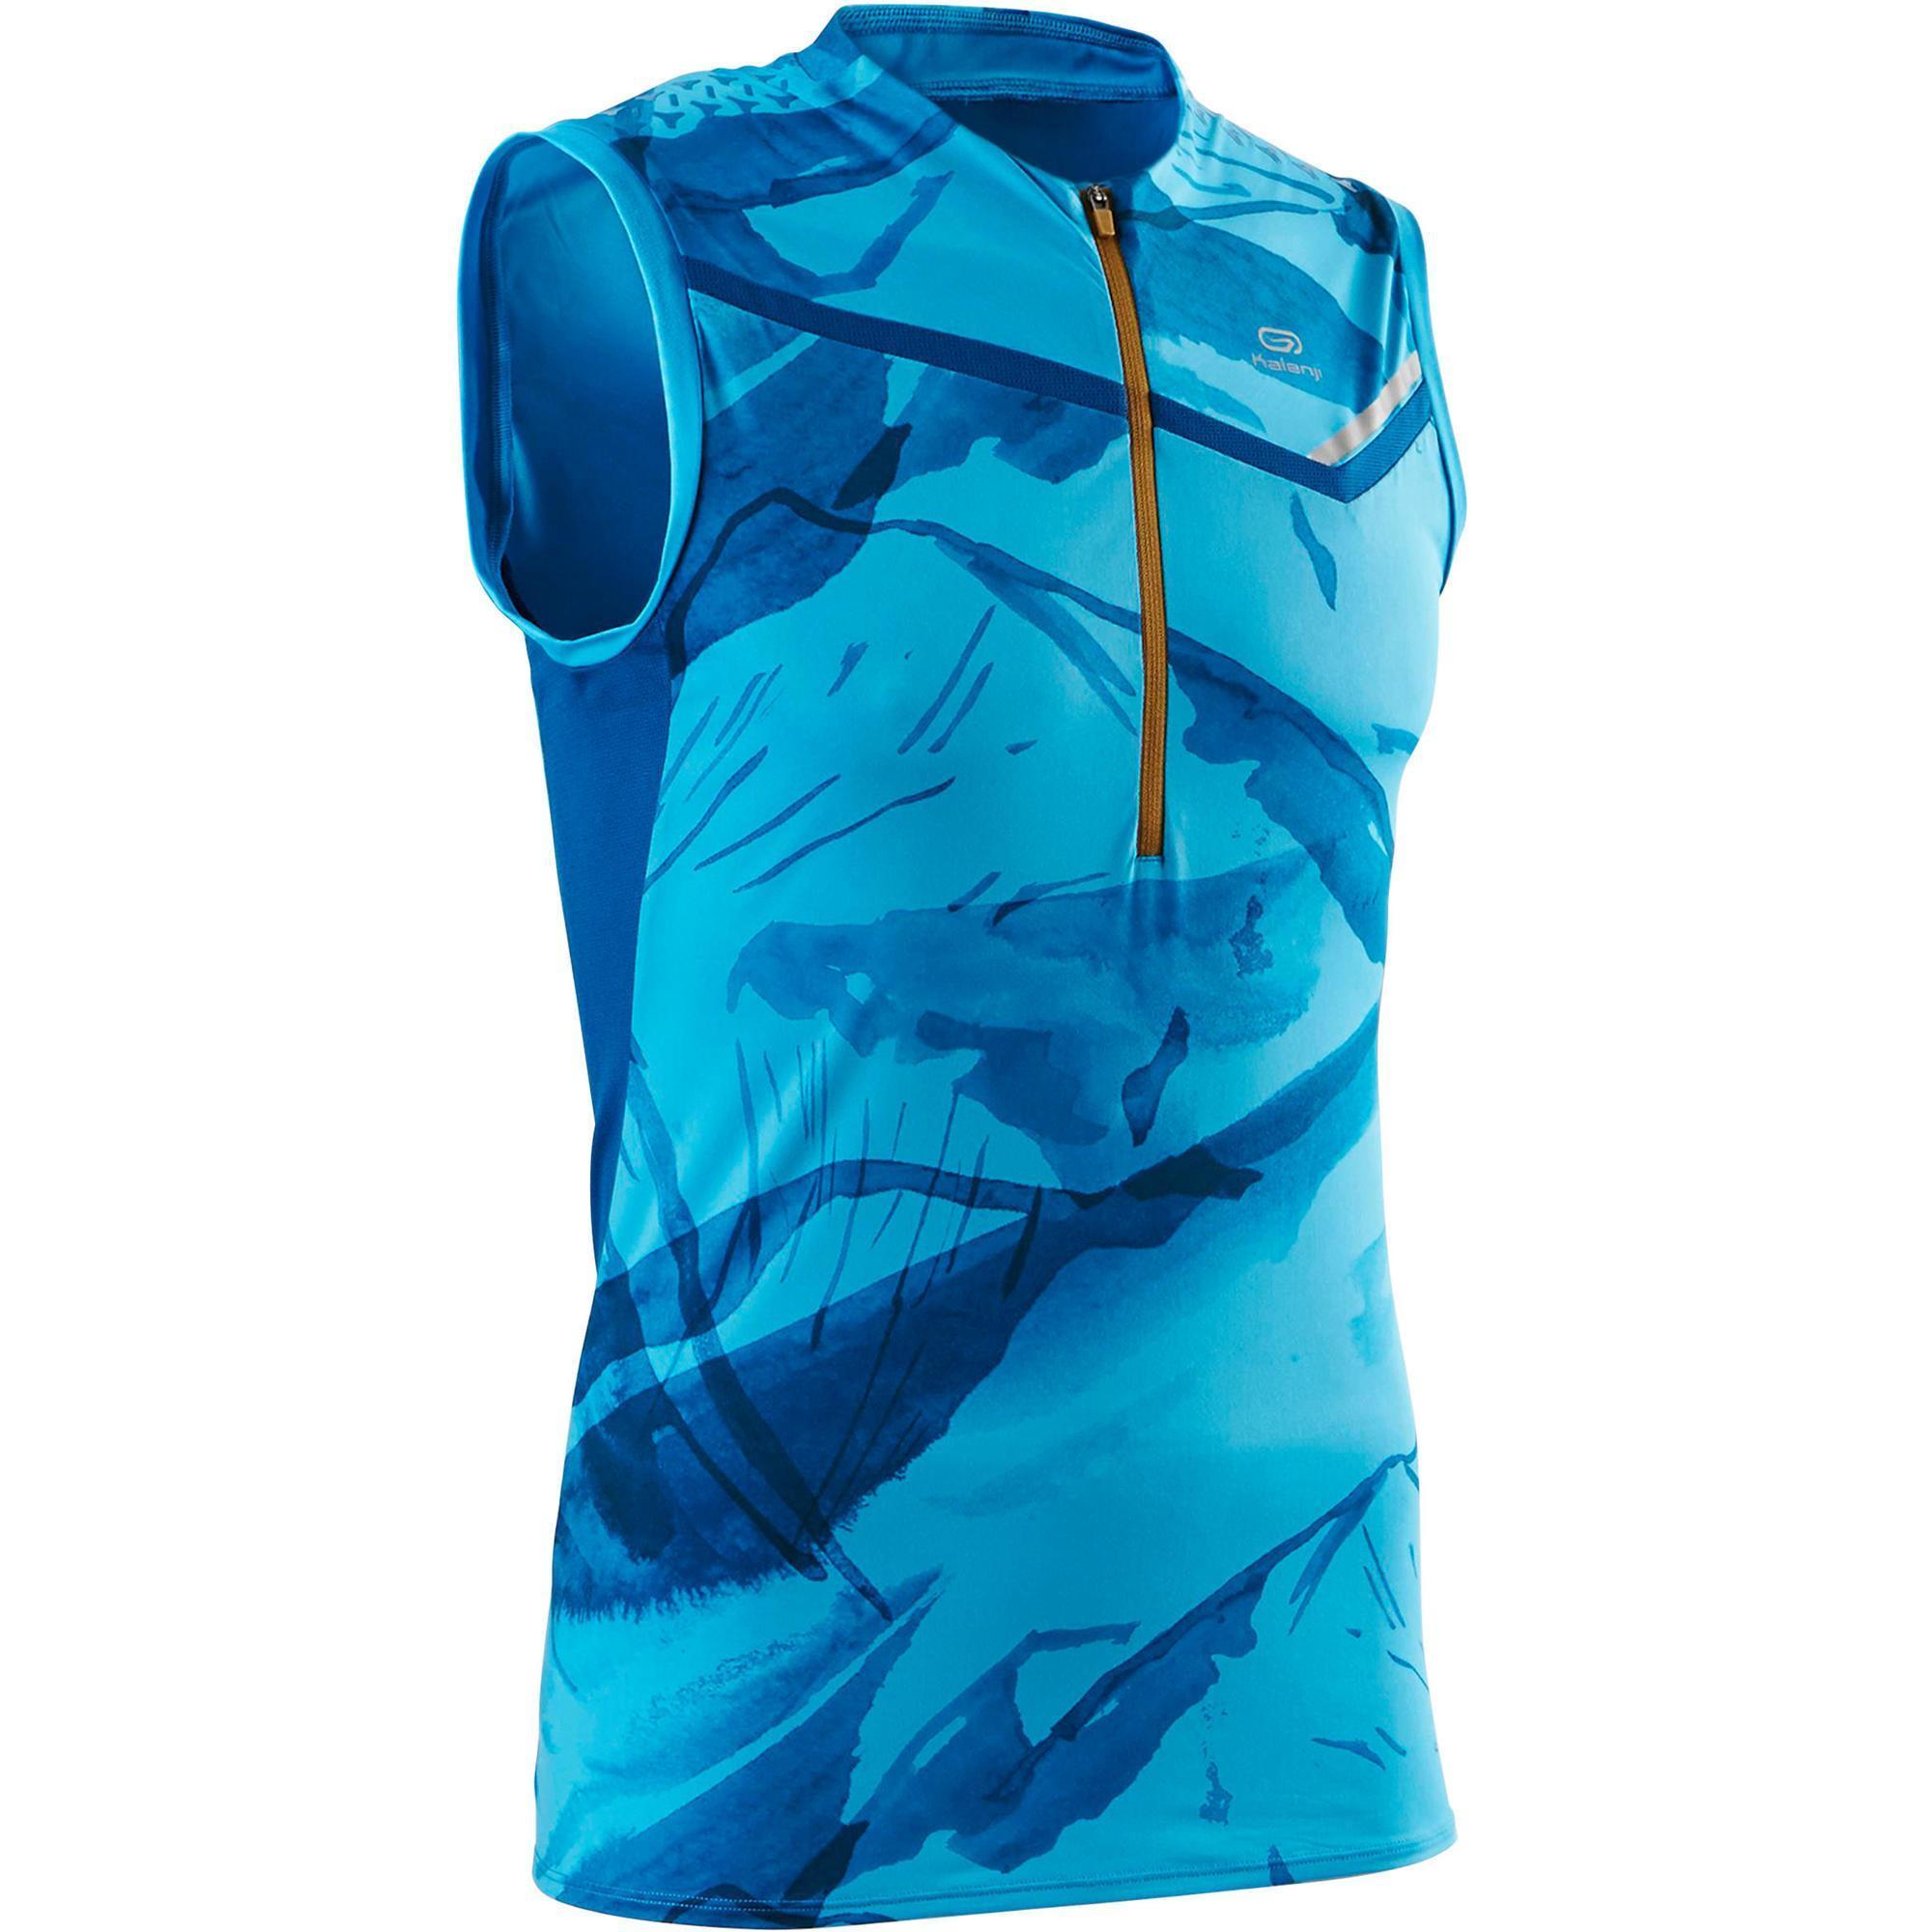 Kalenji Mouwloos herenshirt voor traillopen blauw turquoise